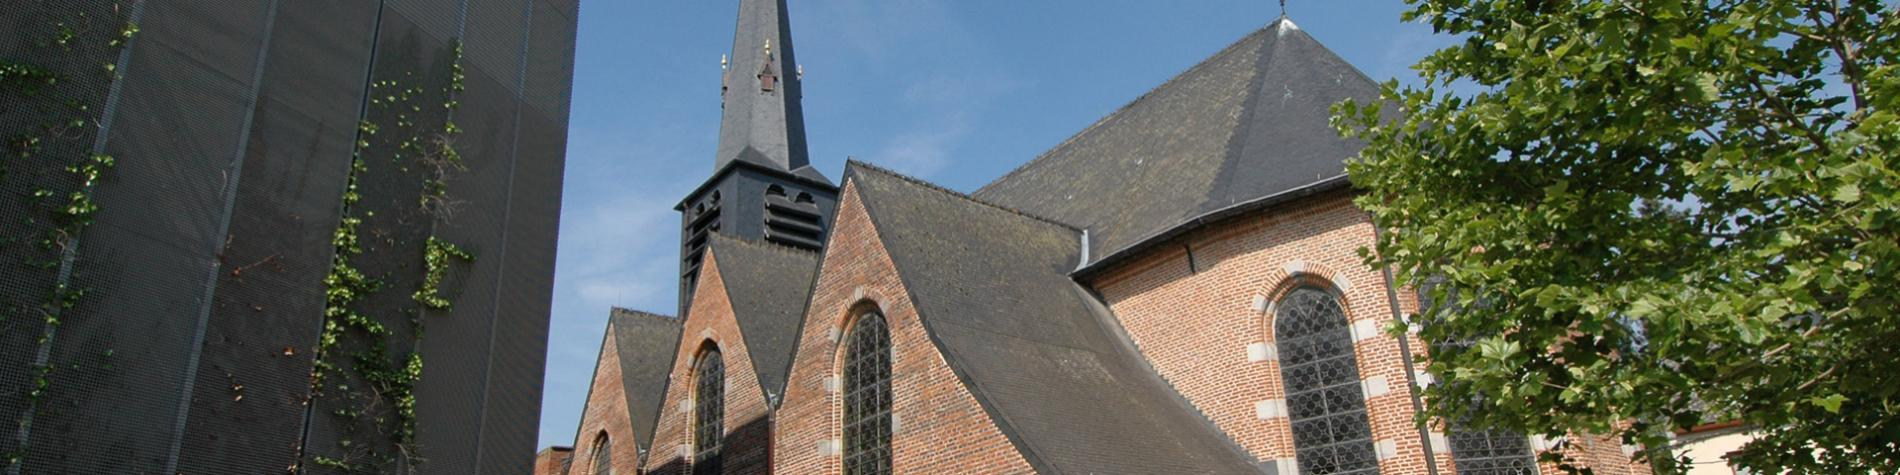 Ath - St-Martin - église - arbre - place